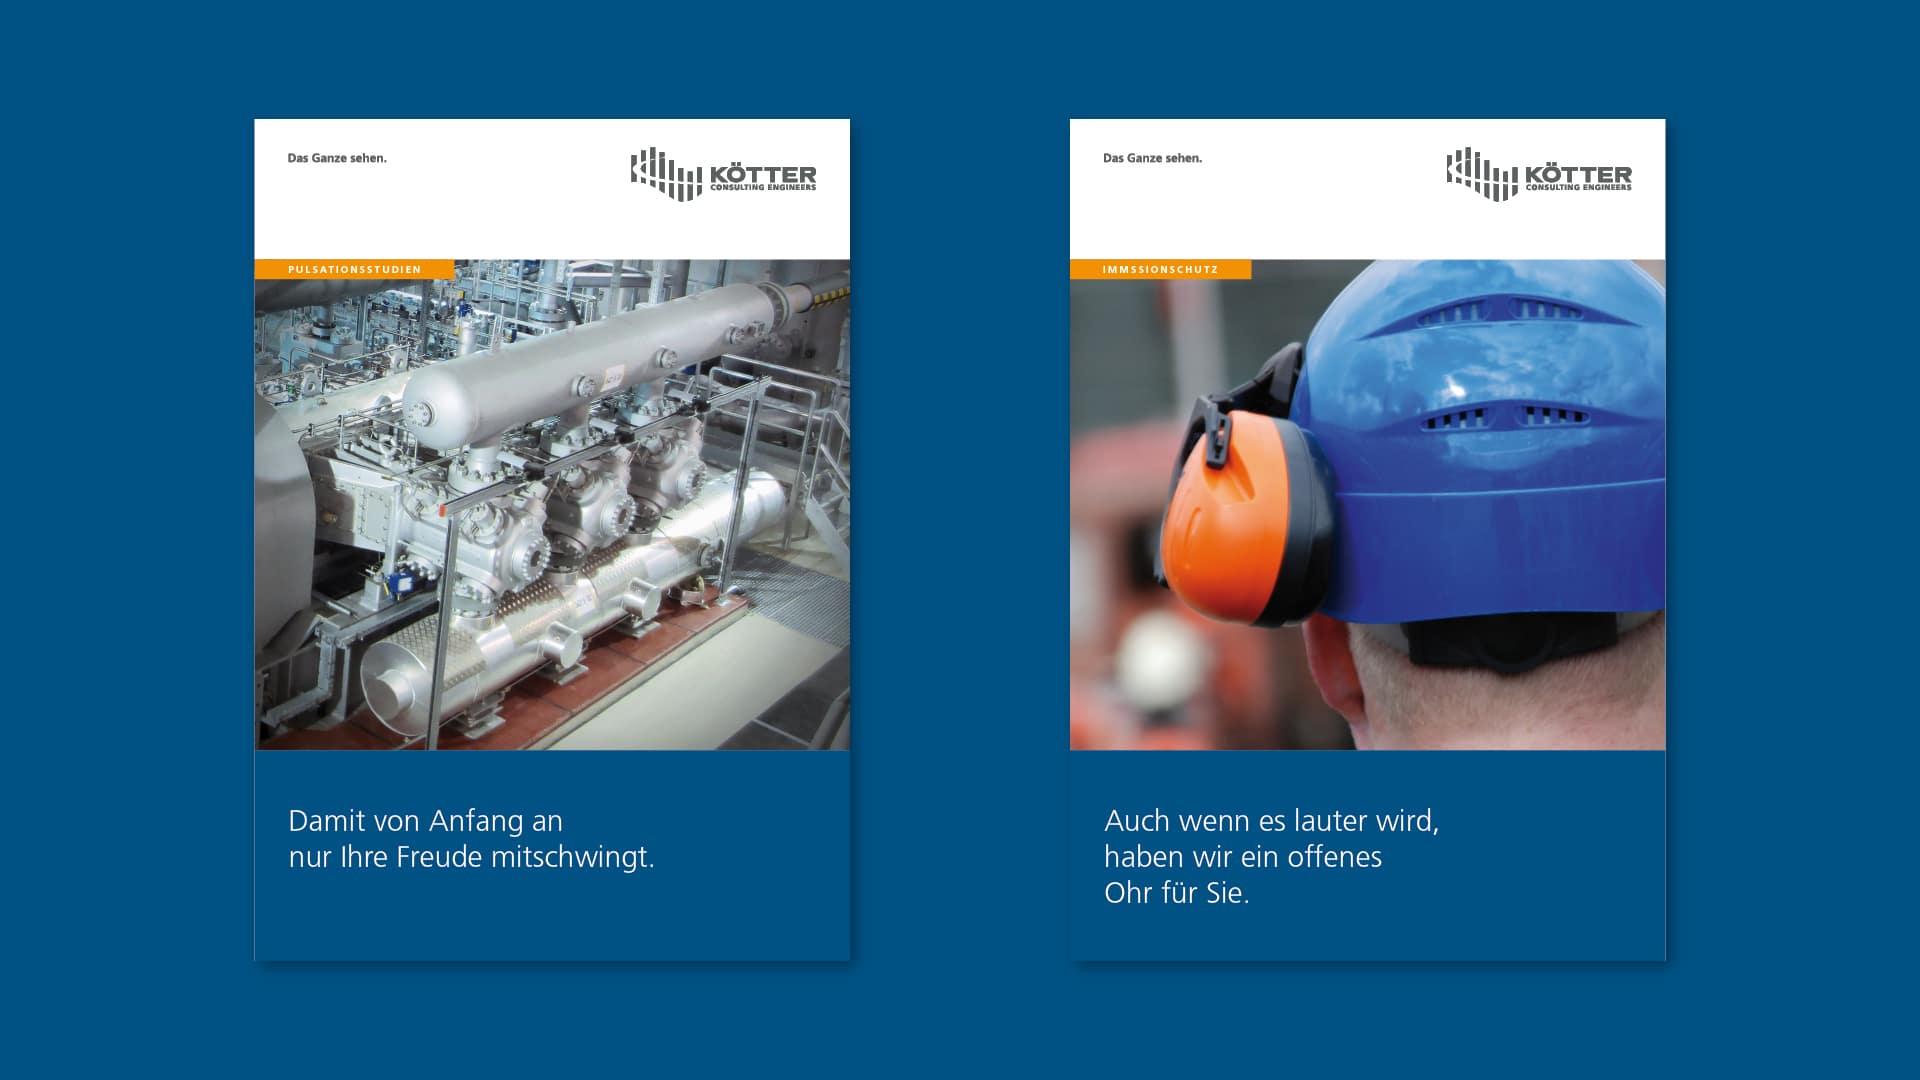 KCE Titelseiten Praes Aufb v012 - Spezialisten für Schwingungen treffen auf Experten für Corporate Design – Corporate Design, Grafikdesign, Kommunikationsdesign, Branding, Markenentwicklung, Editorial Design